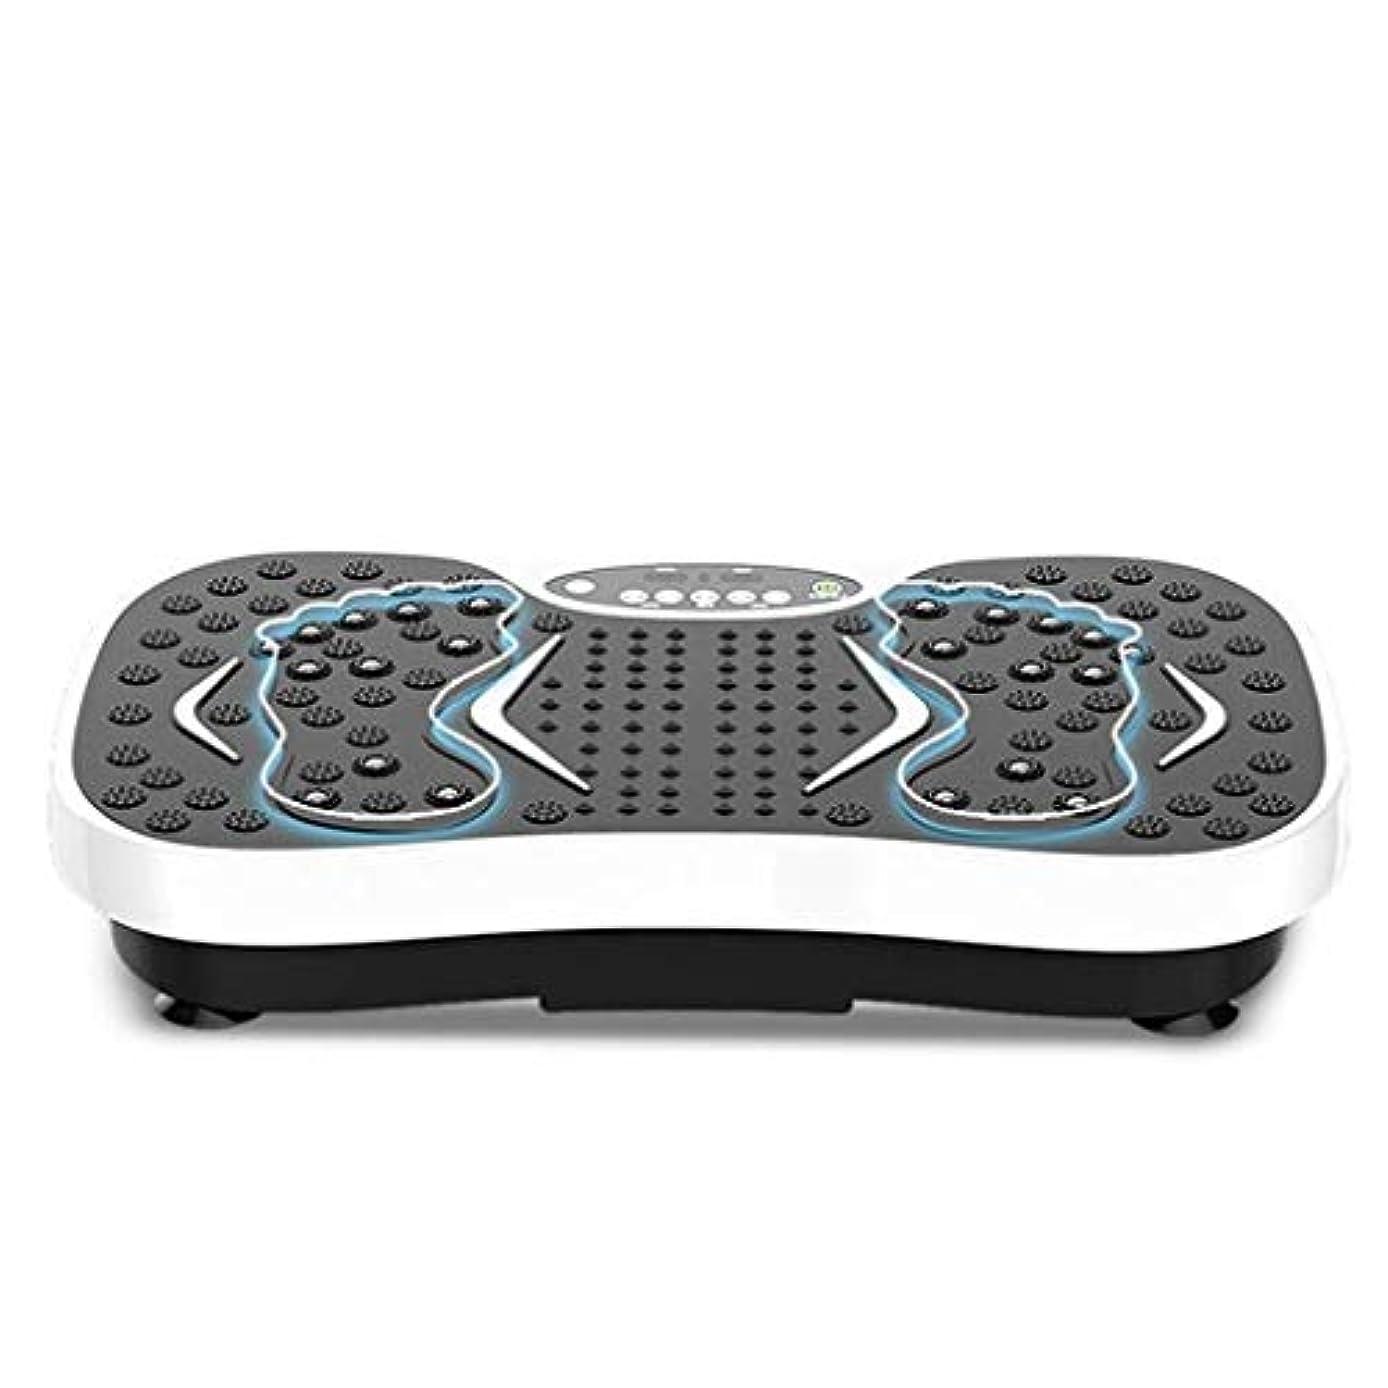 うめきアフリカしっかり減量機、運動衝撃吸収フィットネスモデル減量機ユニセックス振動板、家庭/ジムに最適(最大負荷150KG) (Color : 白)